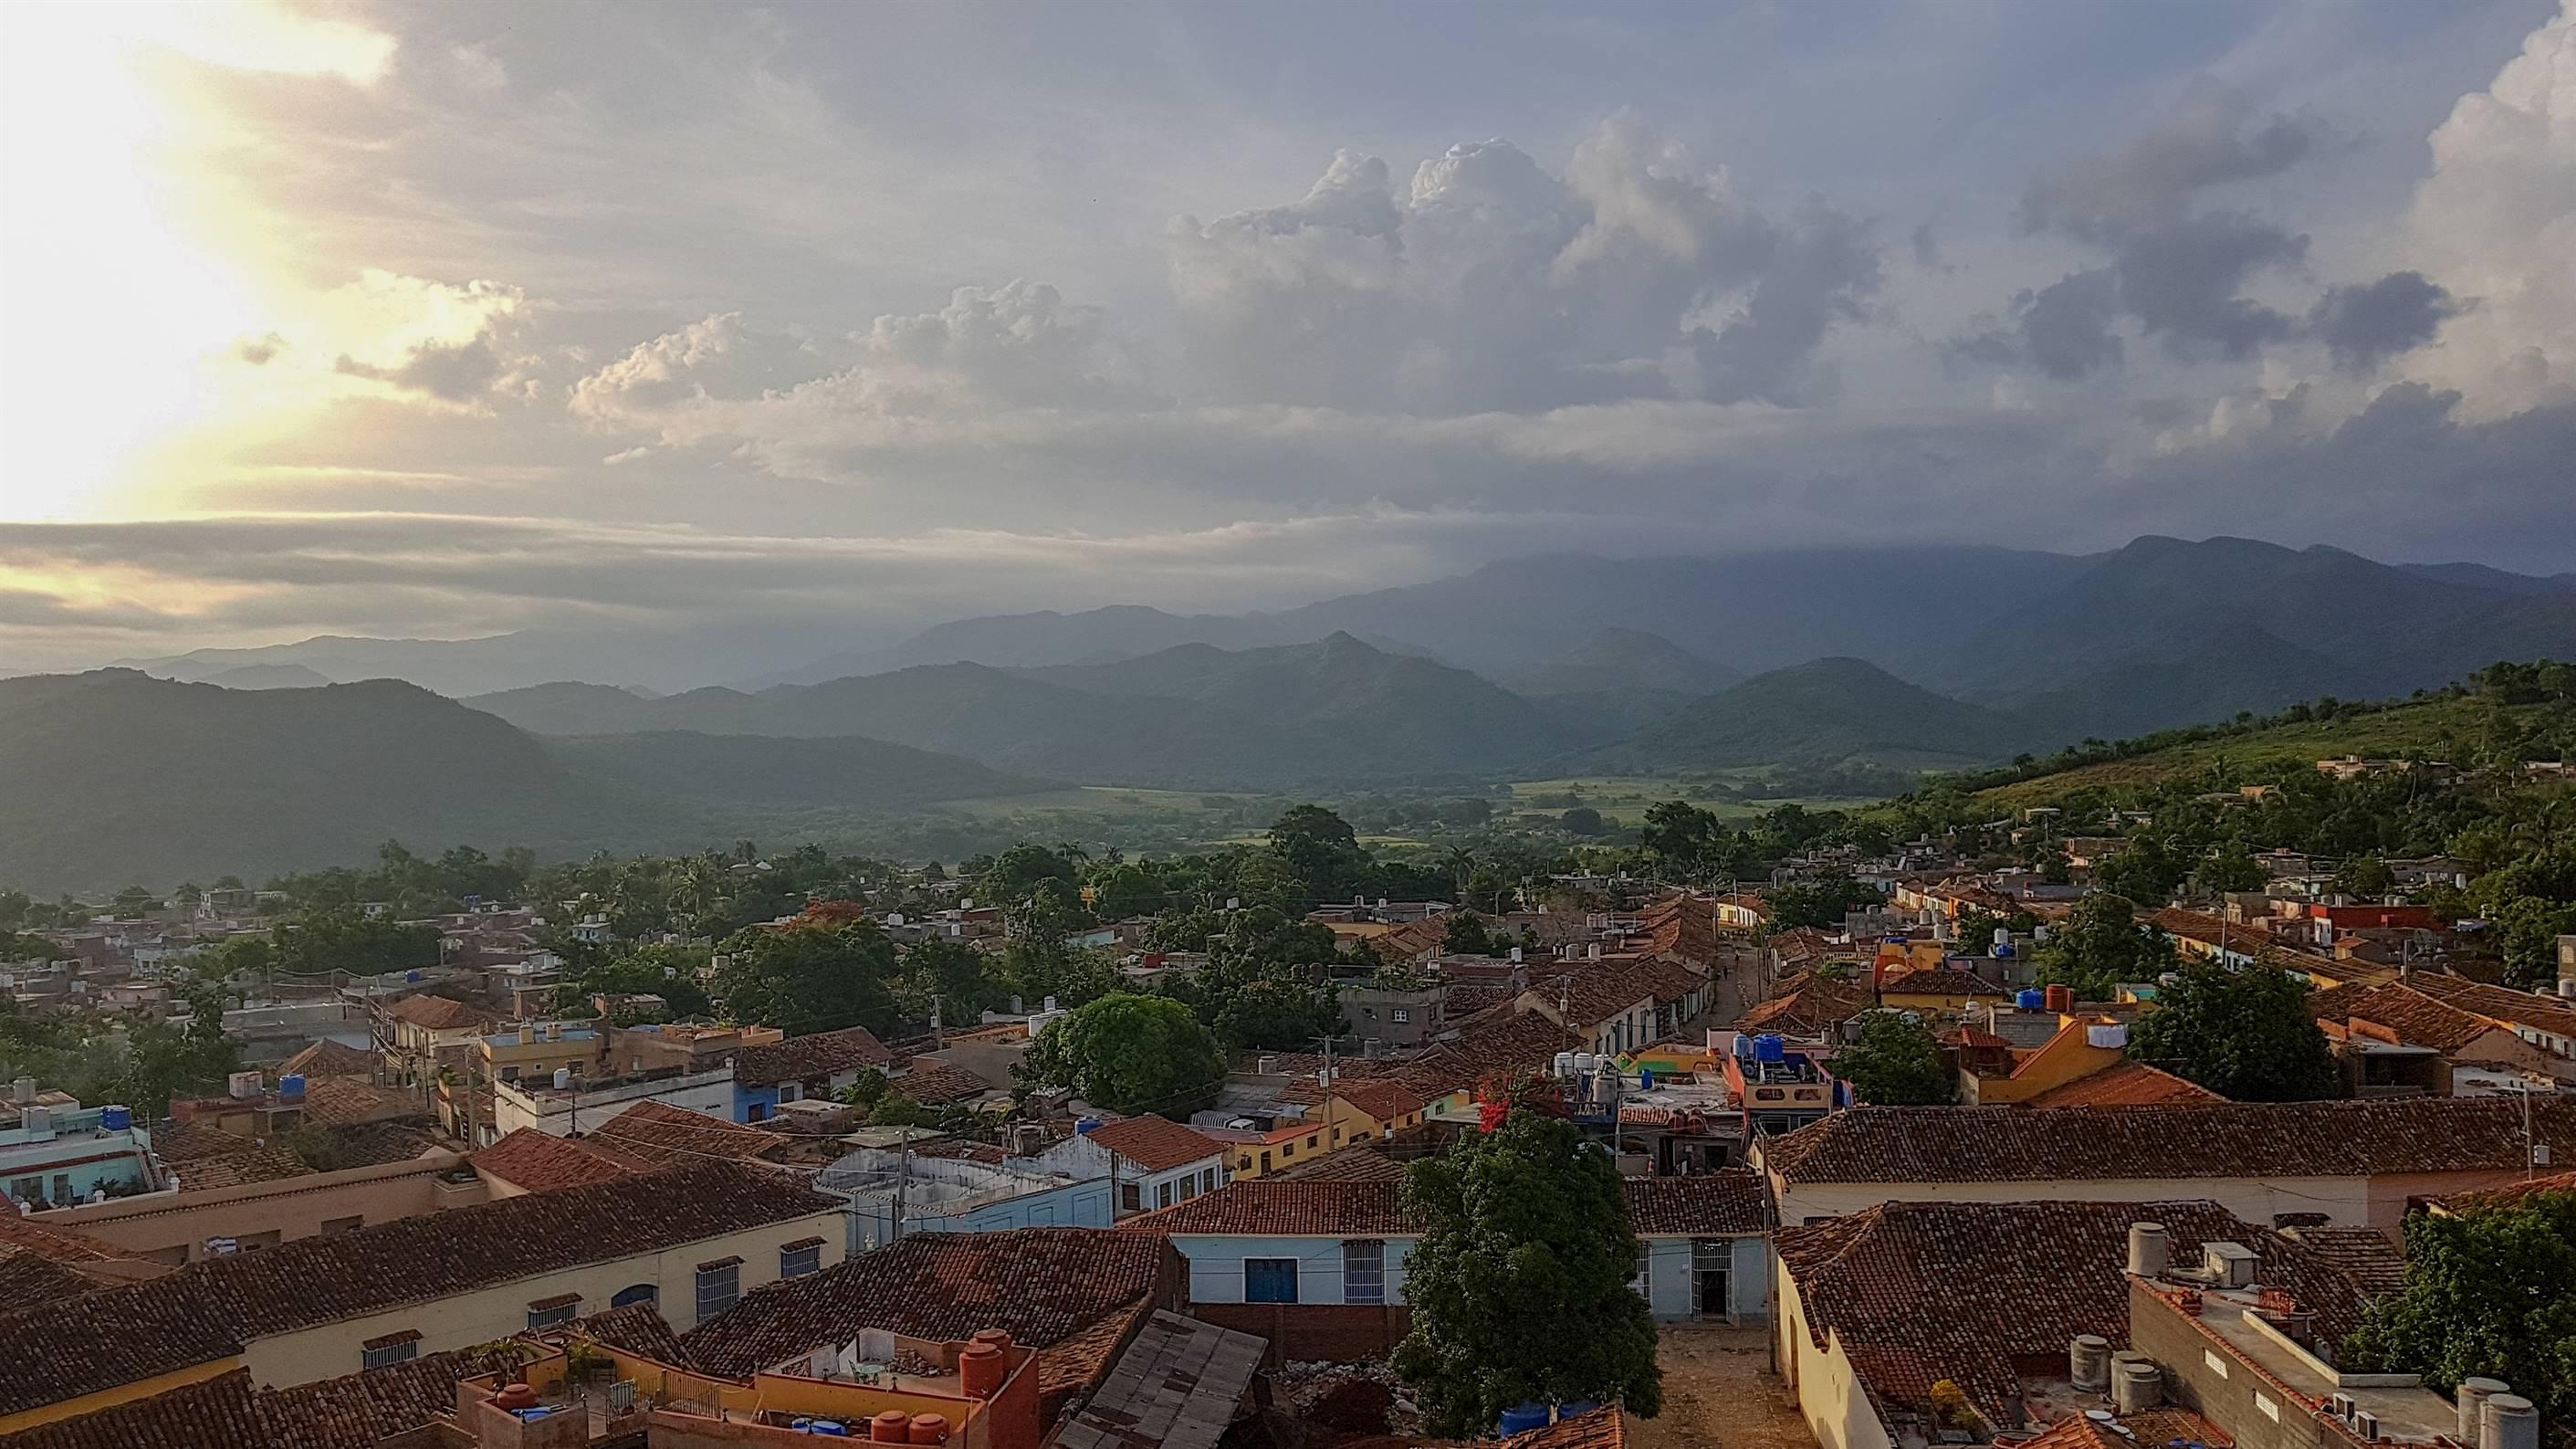 Trinidad, Cuiba